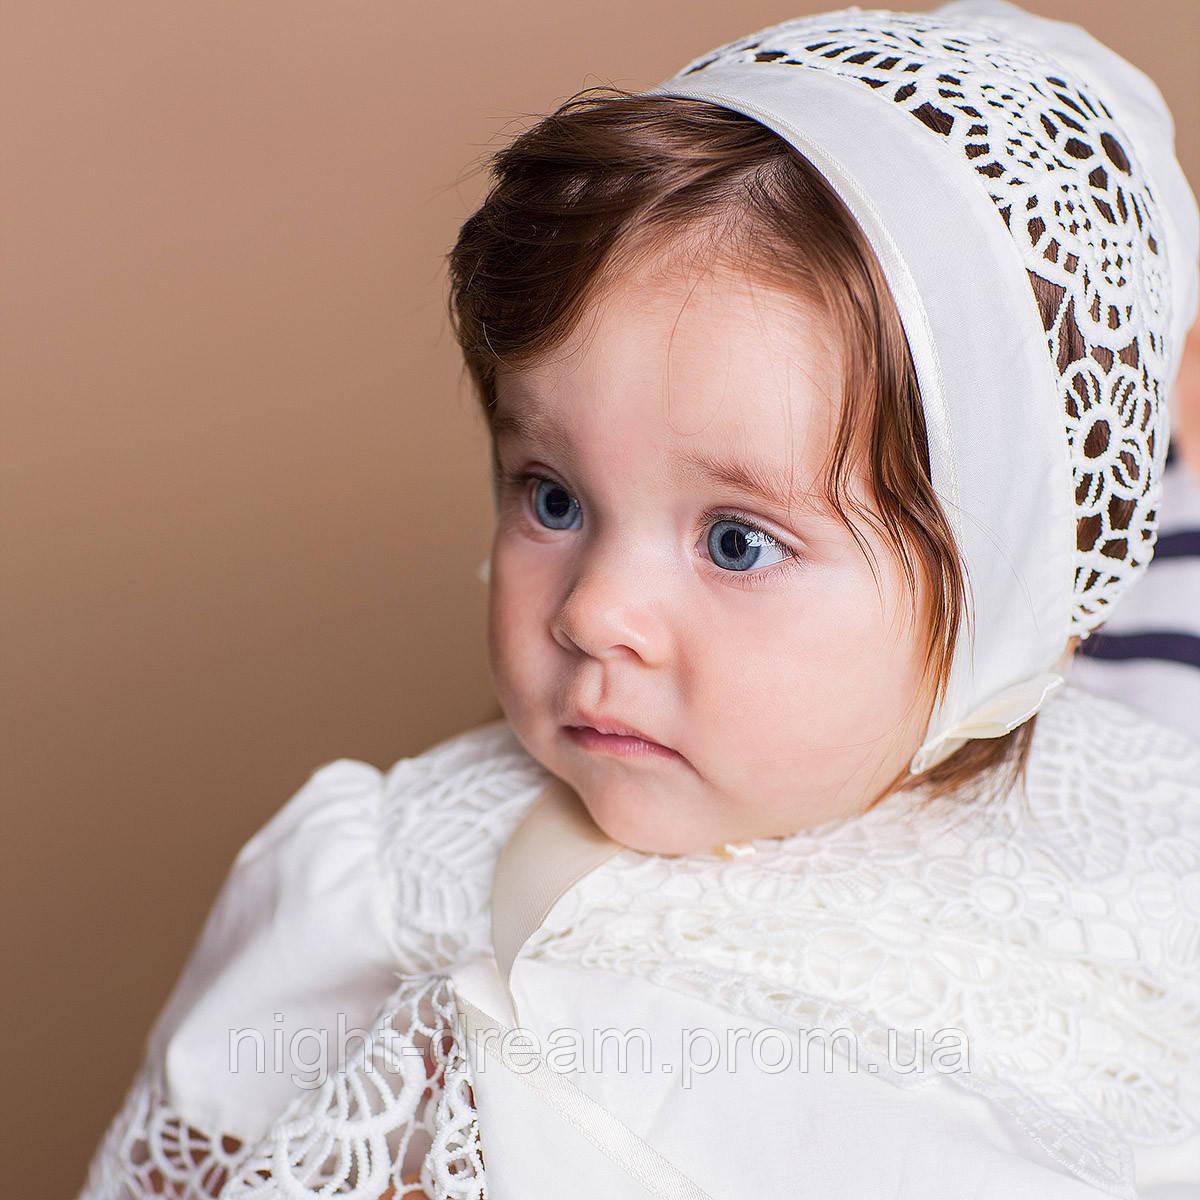 Детская шапочка Глаша (Глафира) от Miminobaby  40-44 см молочная